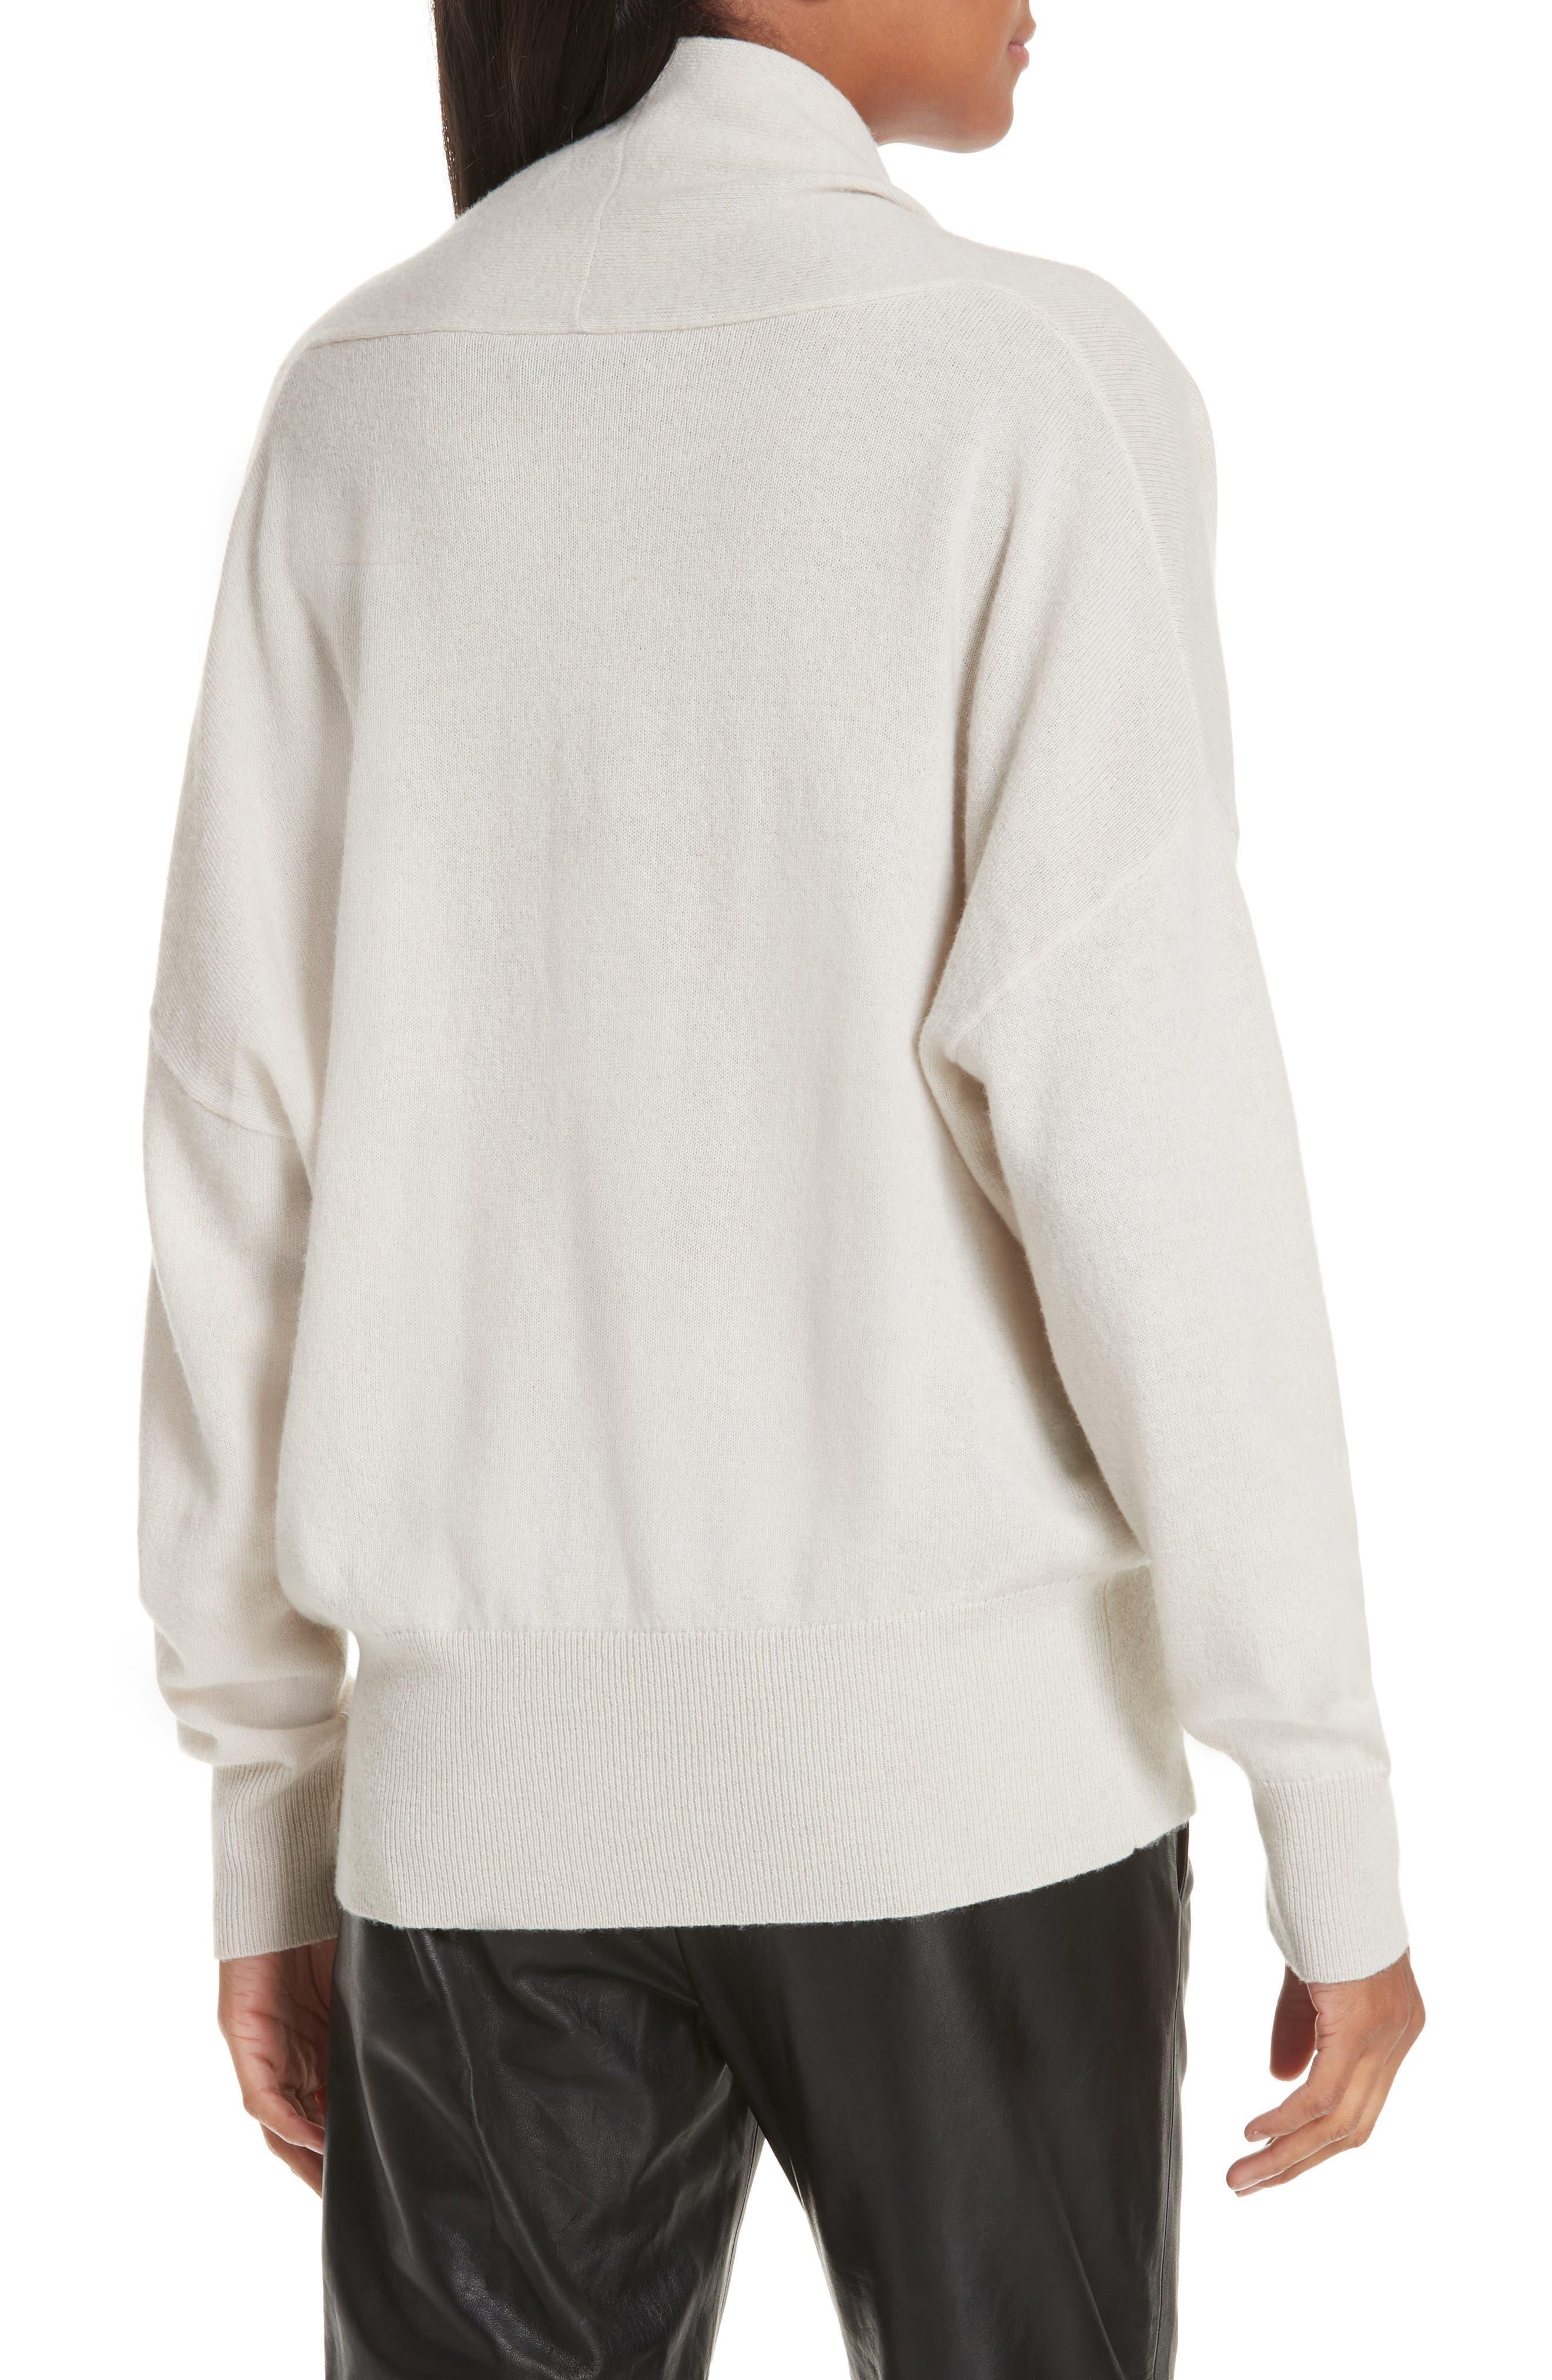 NILI LOTAN, Lakota Cashmere Surplice Sweater, Alternate thumbnail 2, color, 900